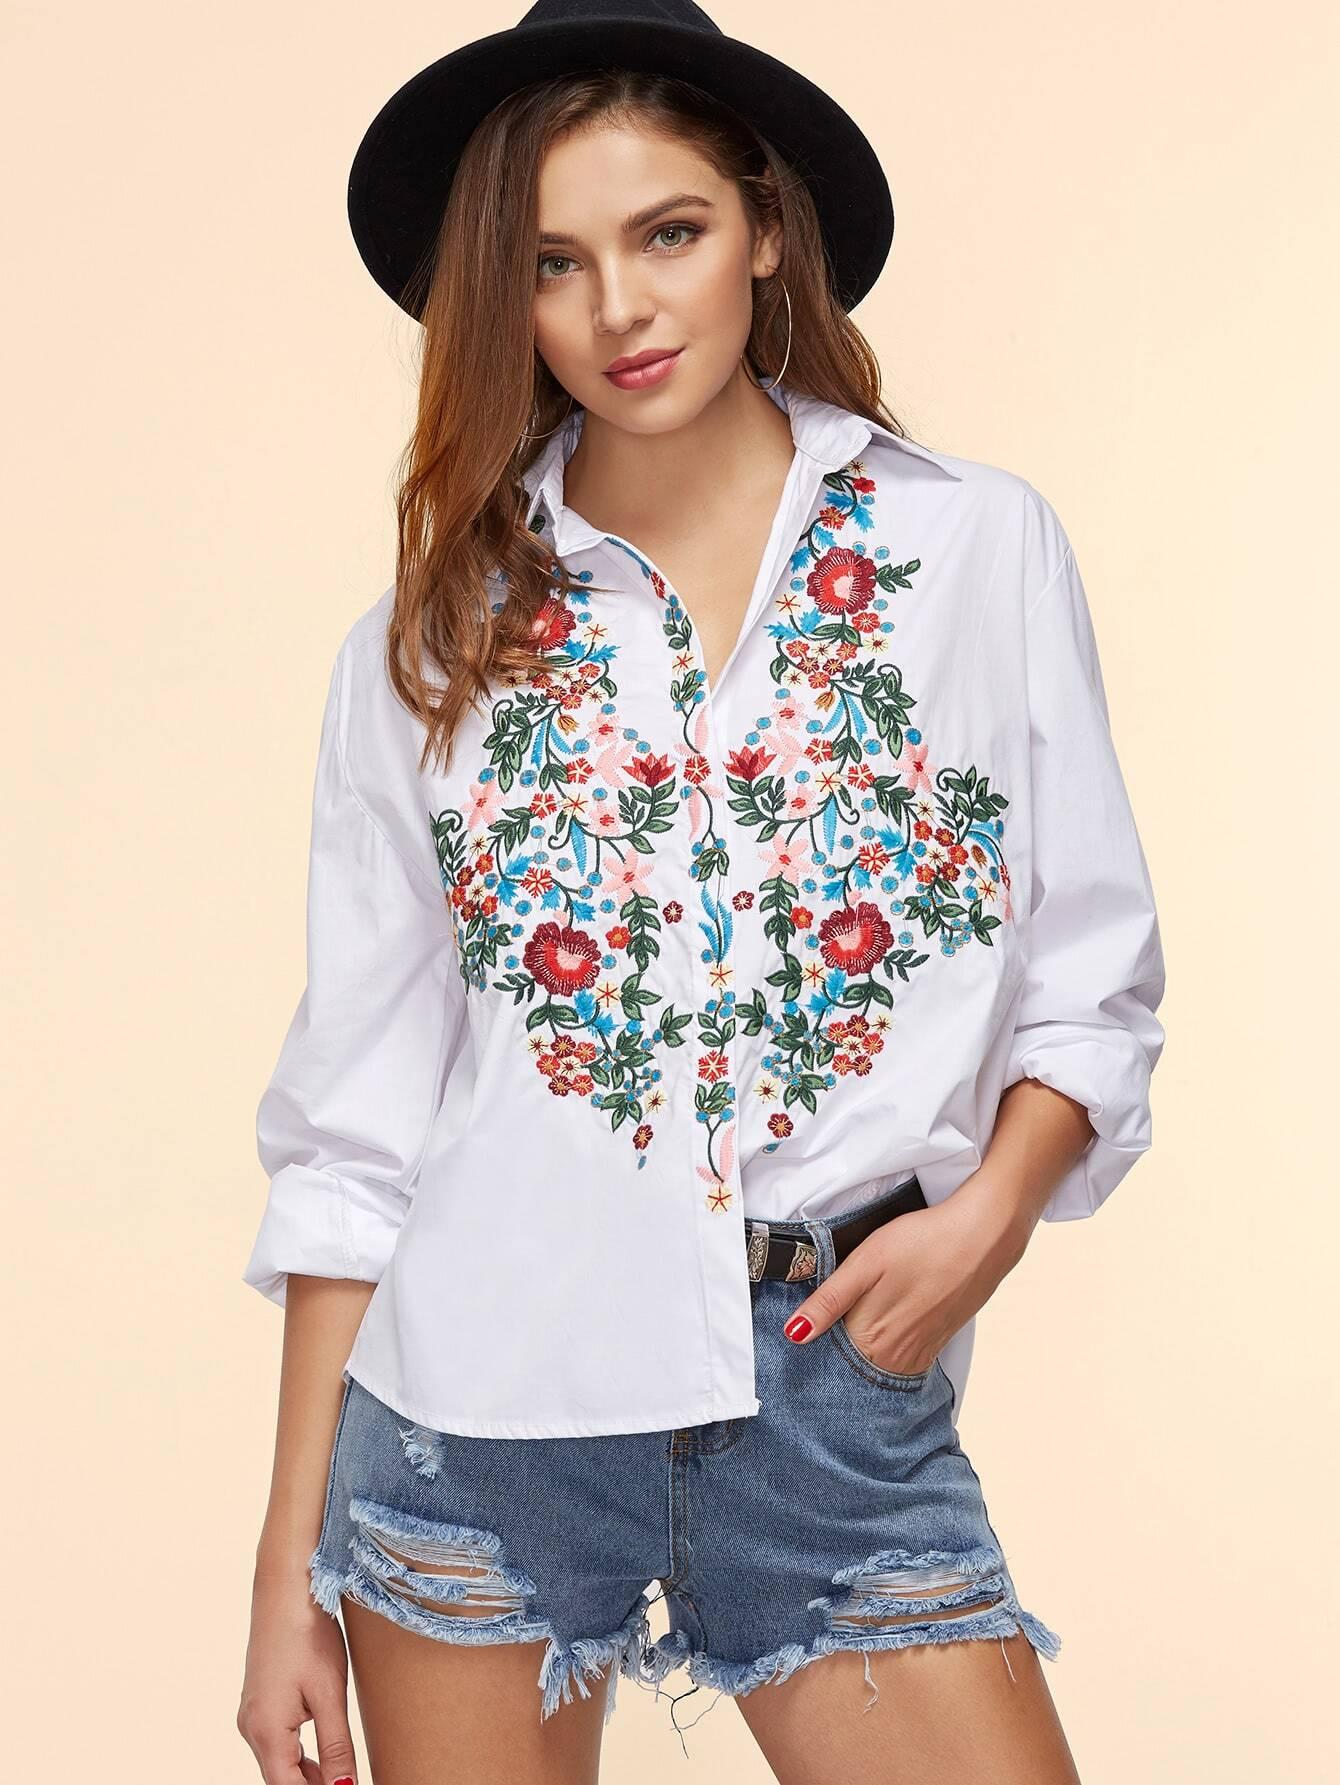 Вышивка На Блузке Купить